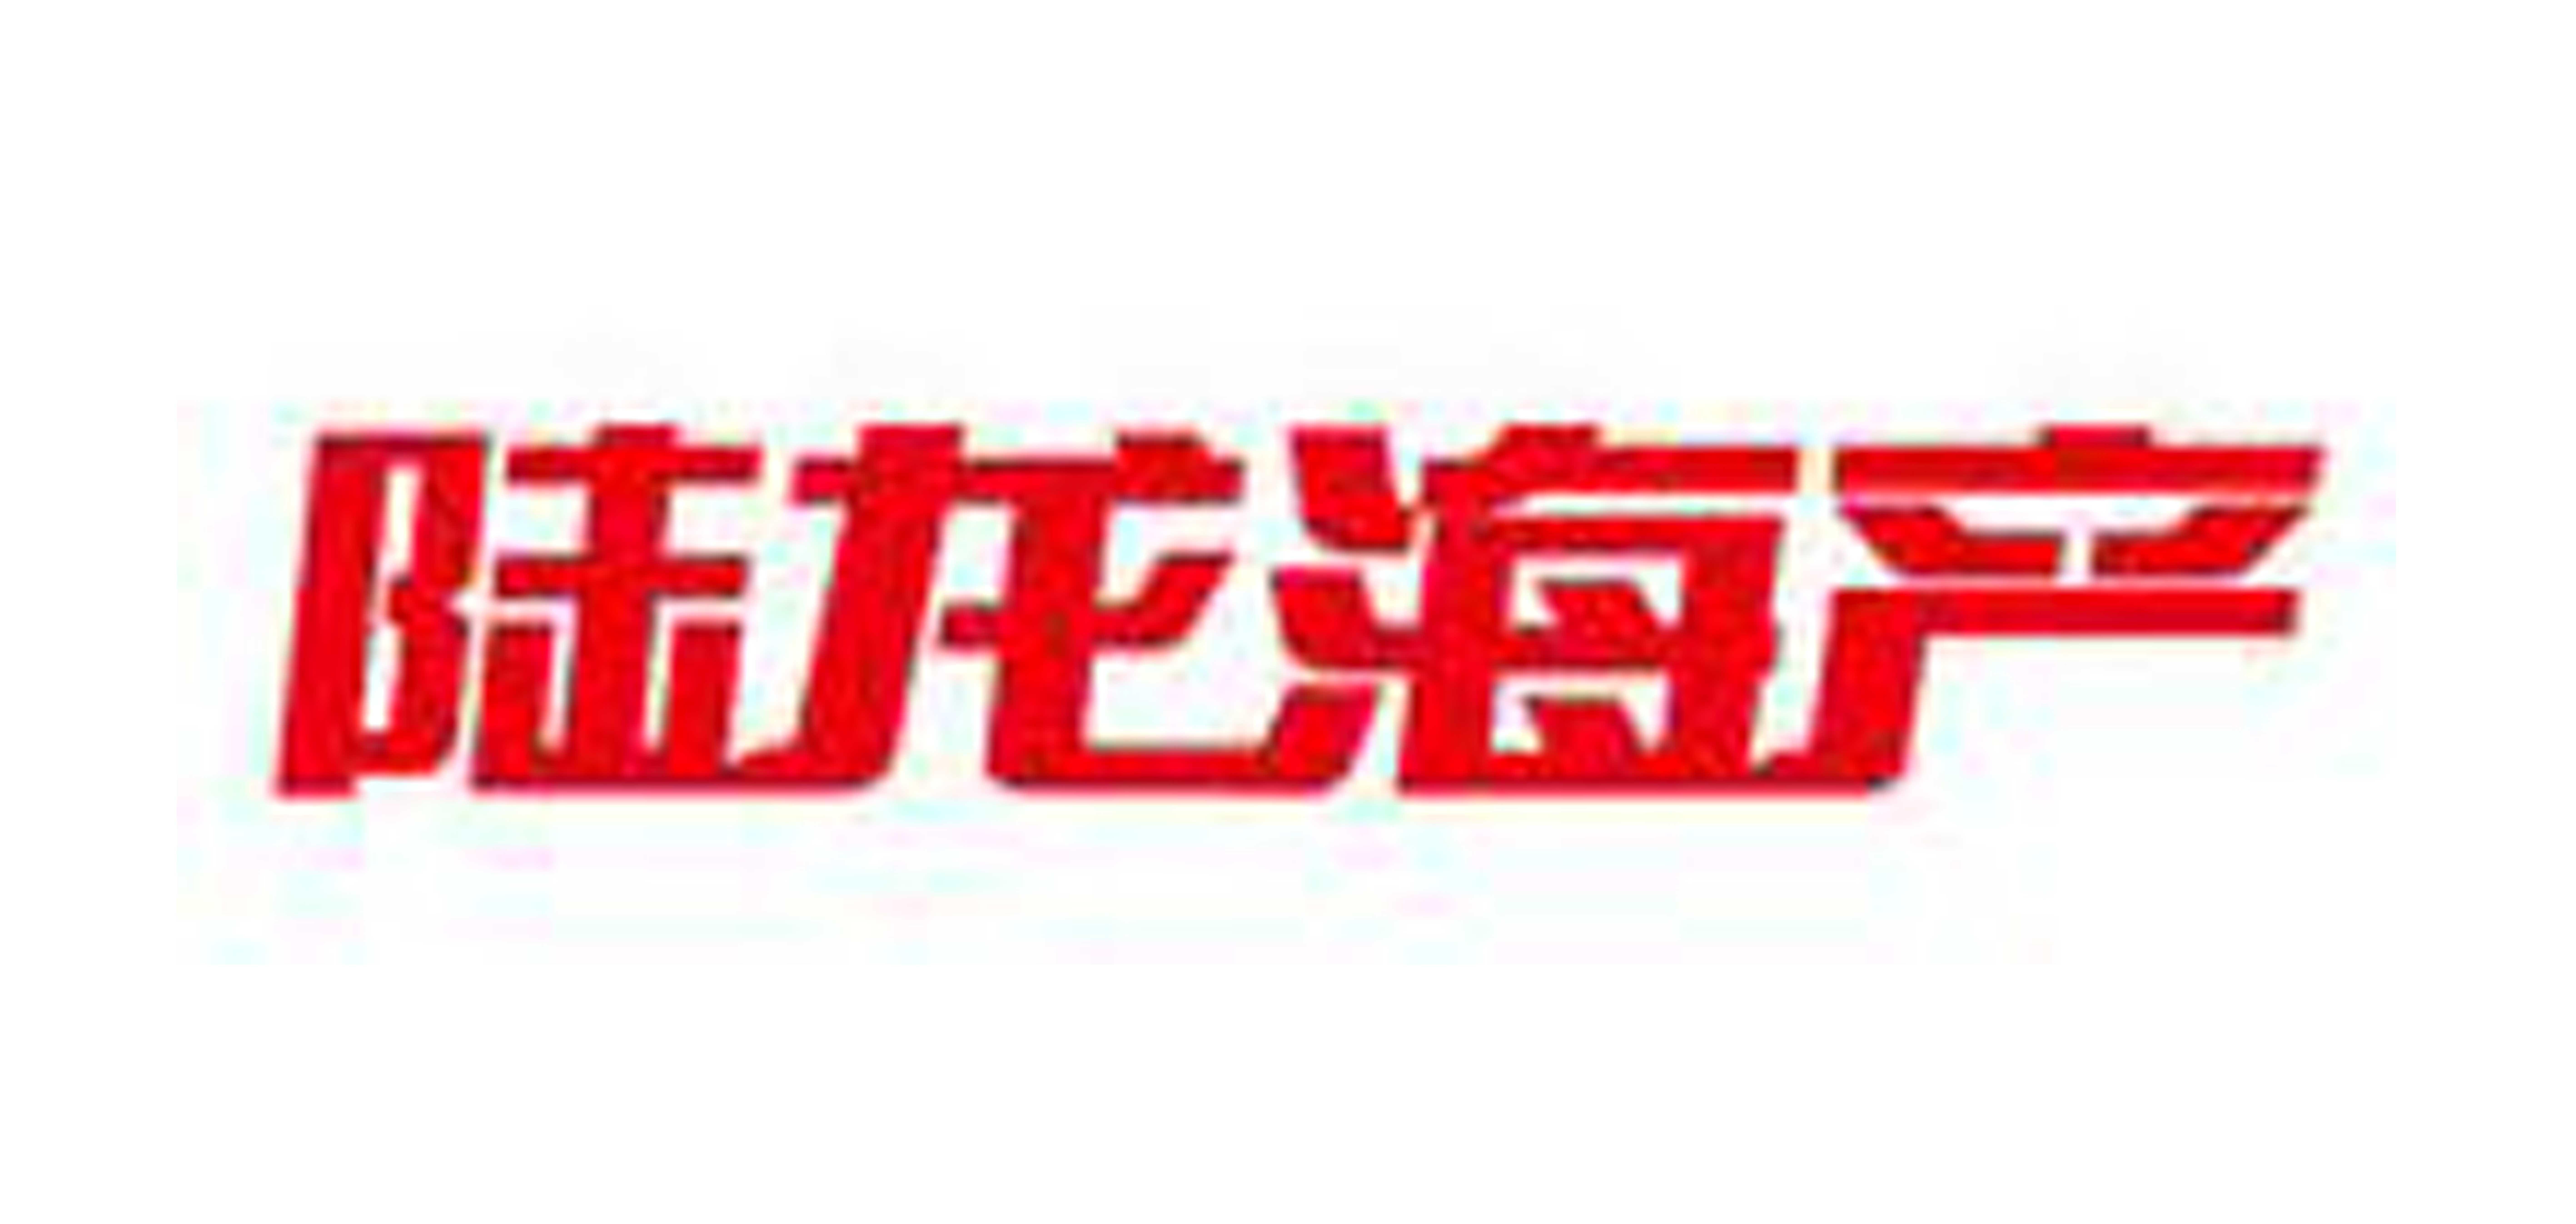 陆龙海产是什么牌子_陆龙海产品牌怎么样?